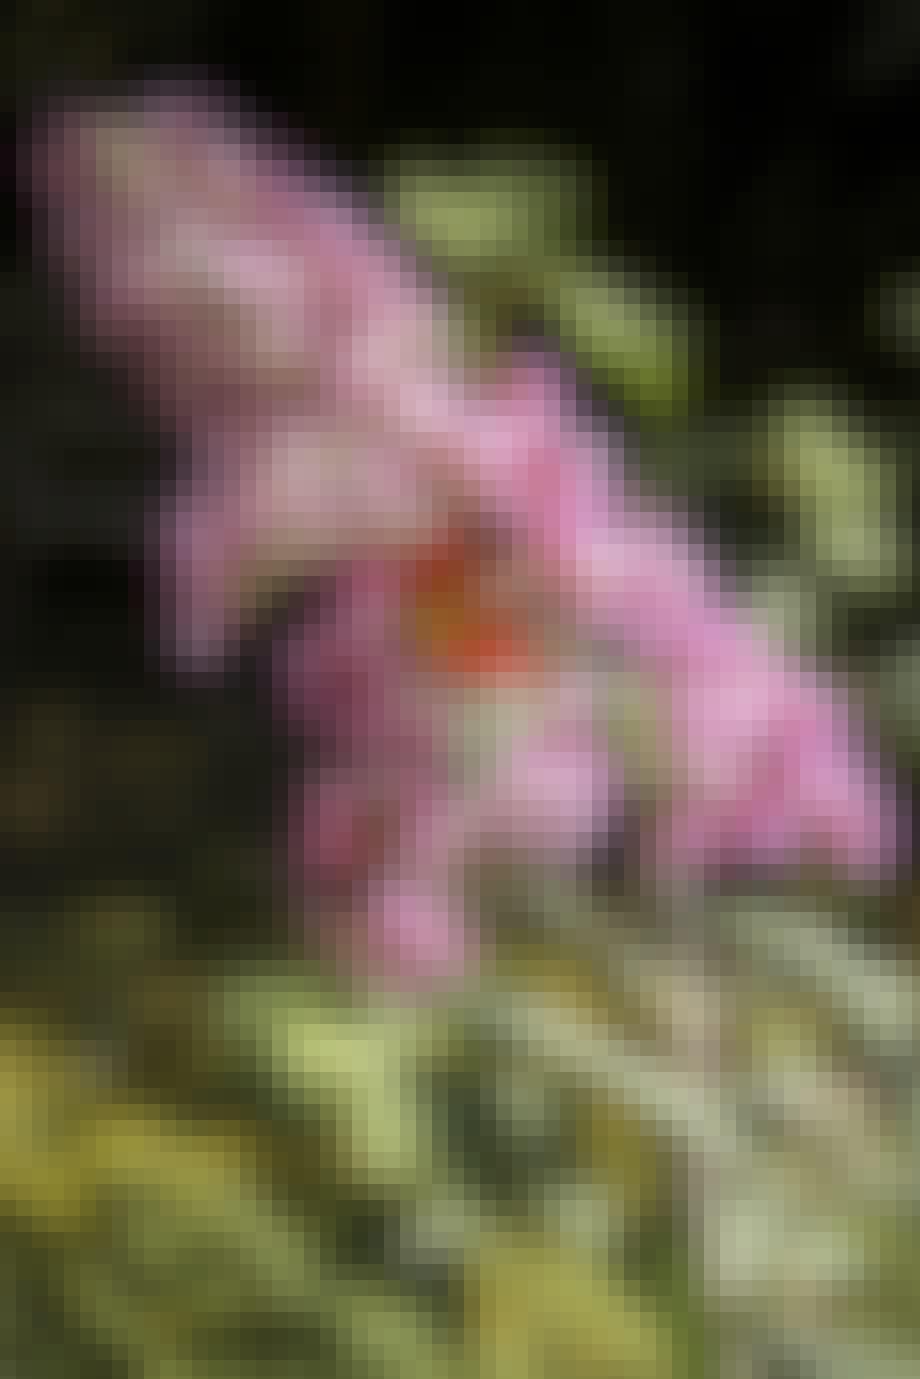 Buddleja, sommerfuglebusk, er en magnet for sommerfugle.